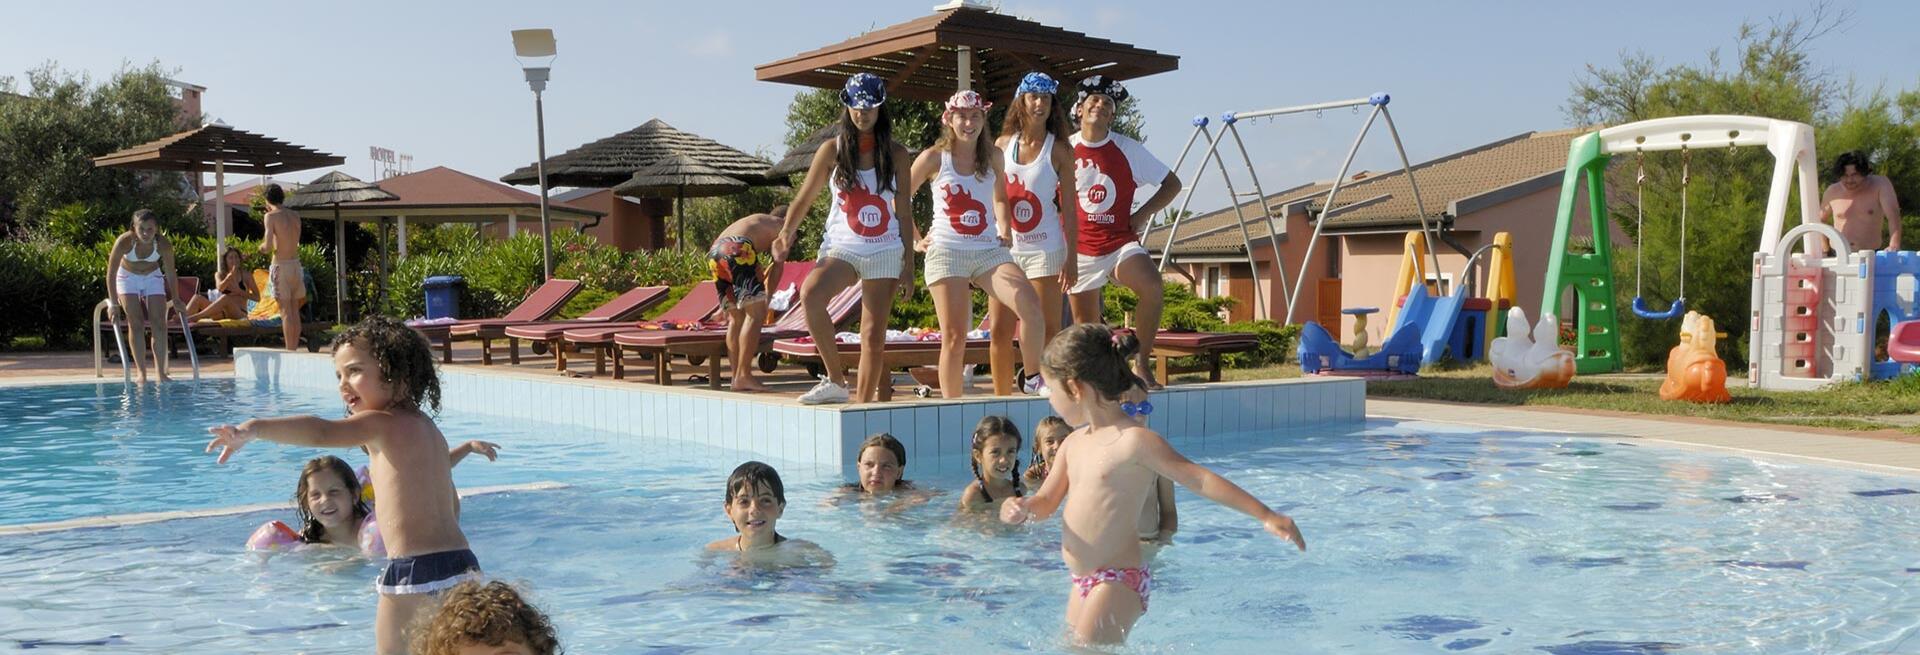 hotelcalarosa it servizi 014